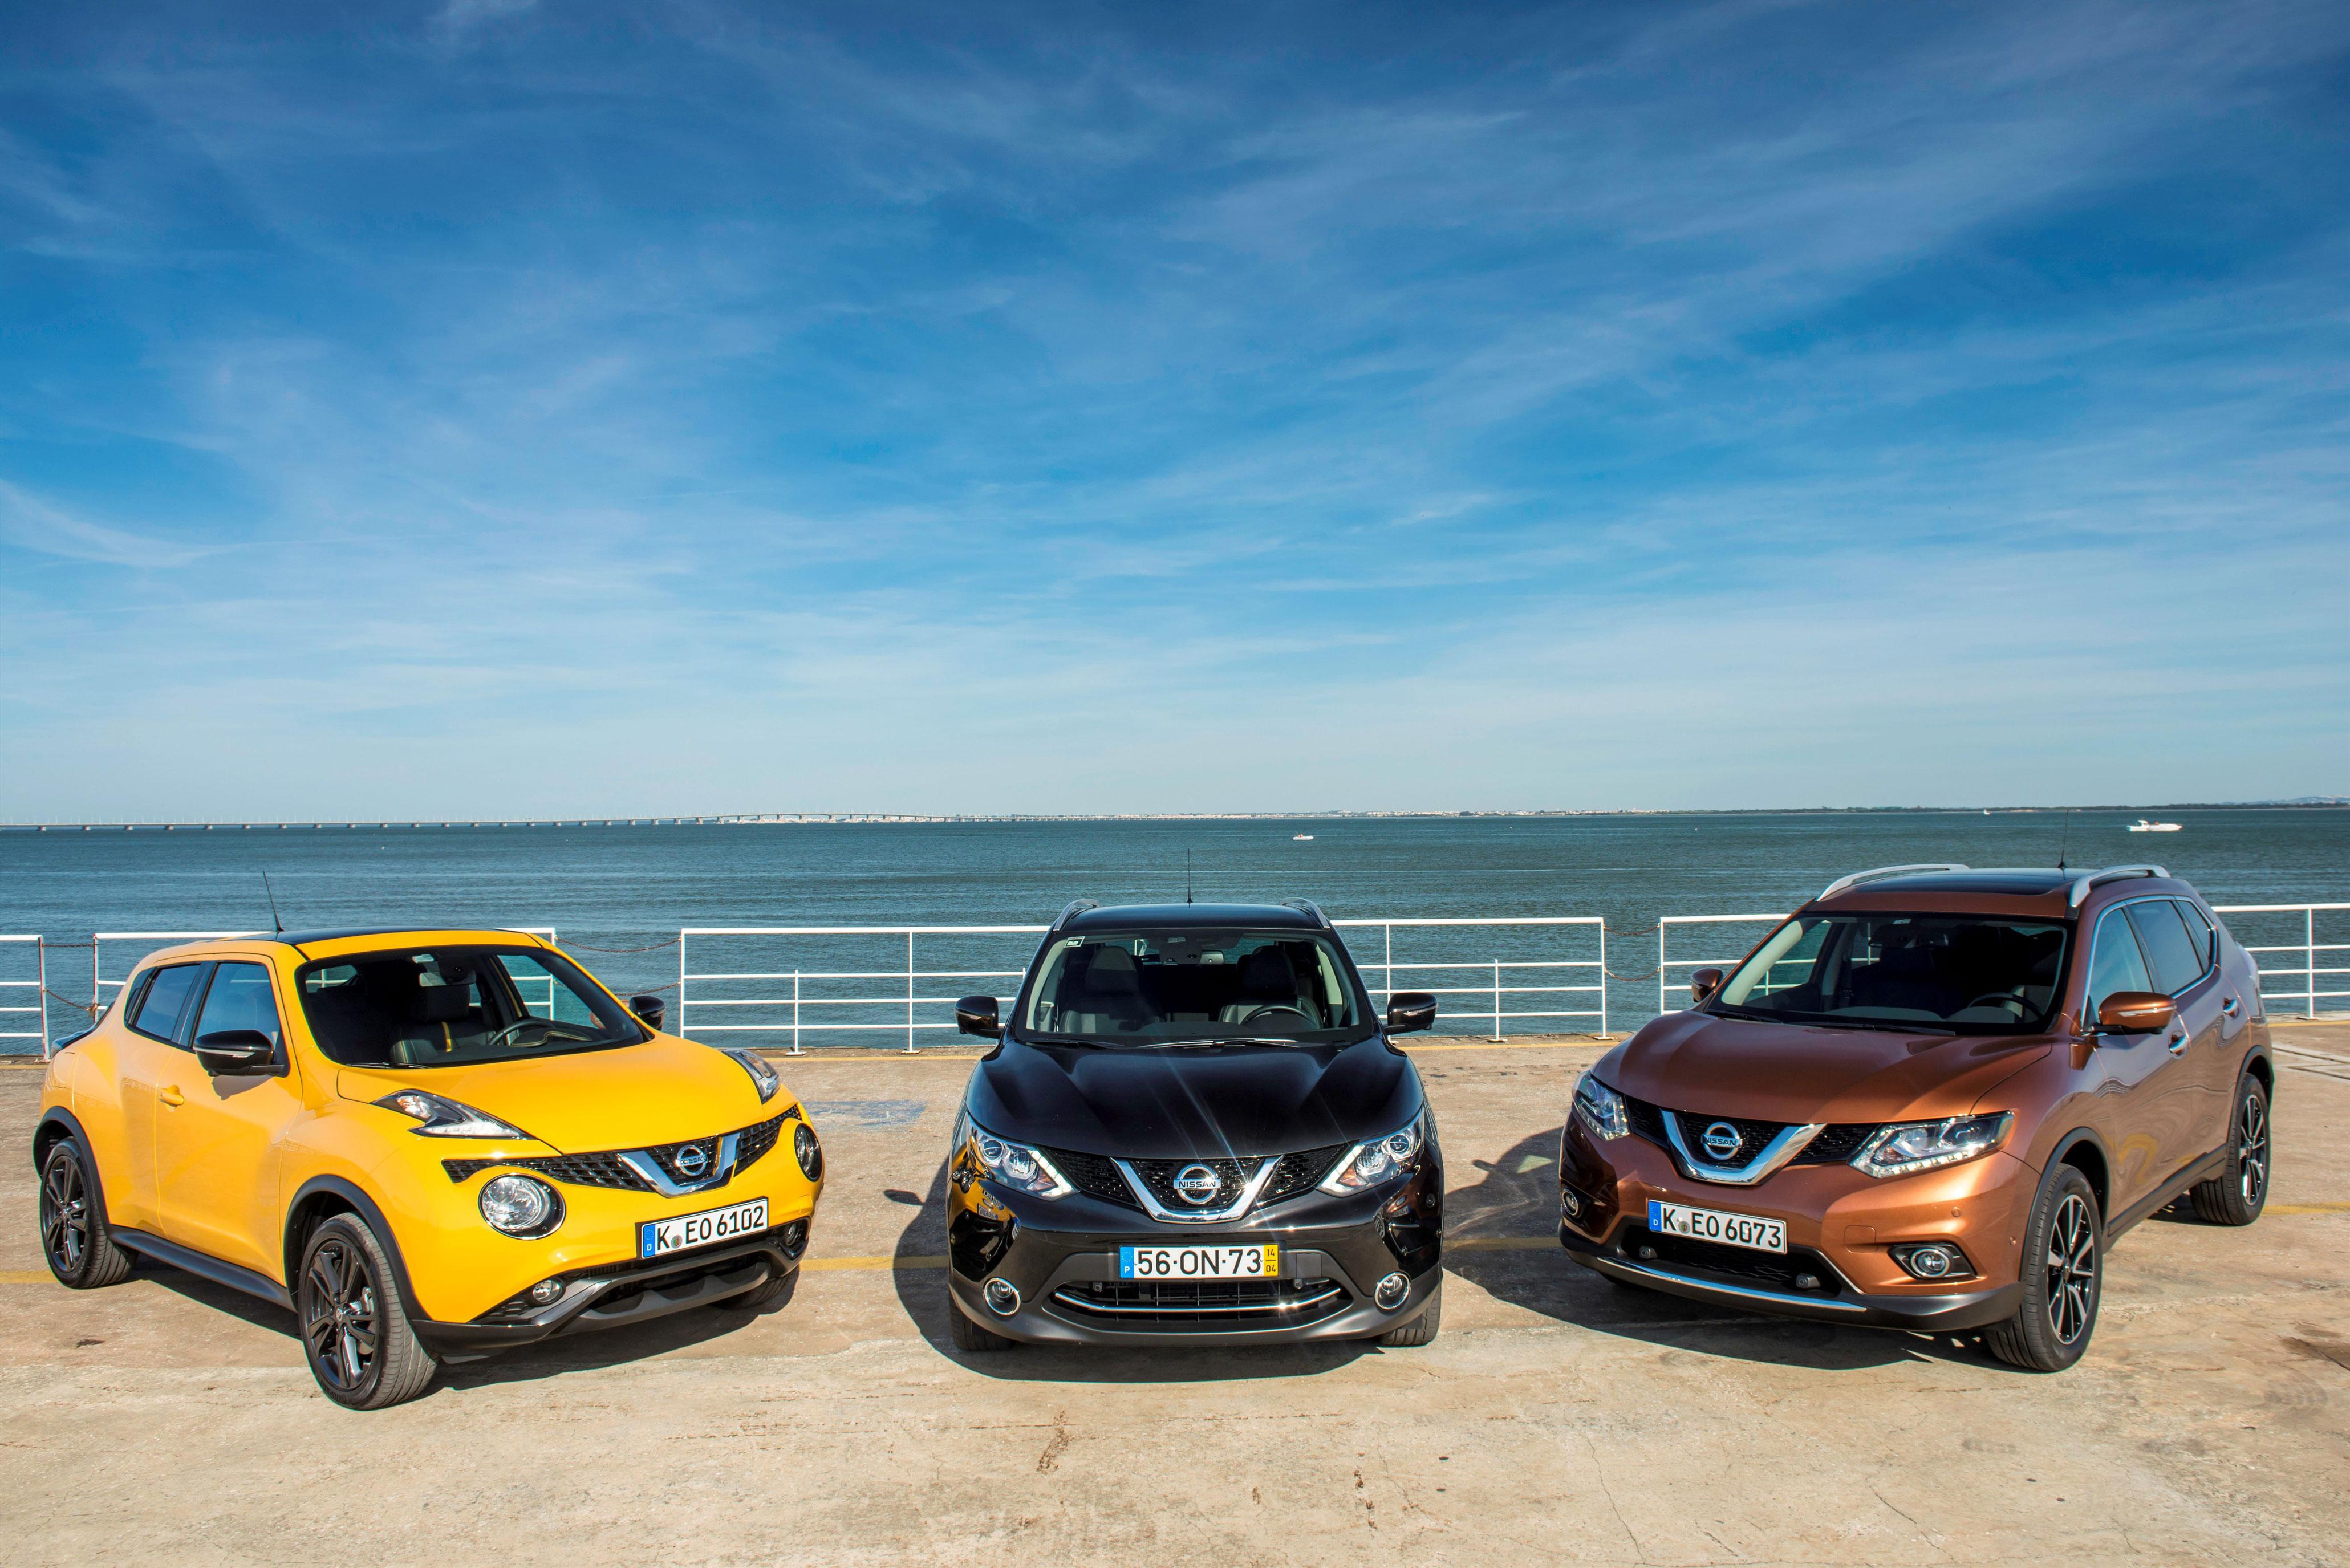 La gama de crossover de Nissan será uno de los atractivos del nuevo concesionario Gamboa